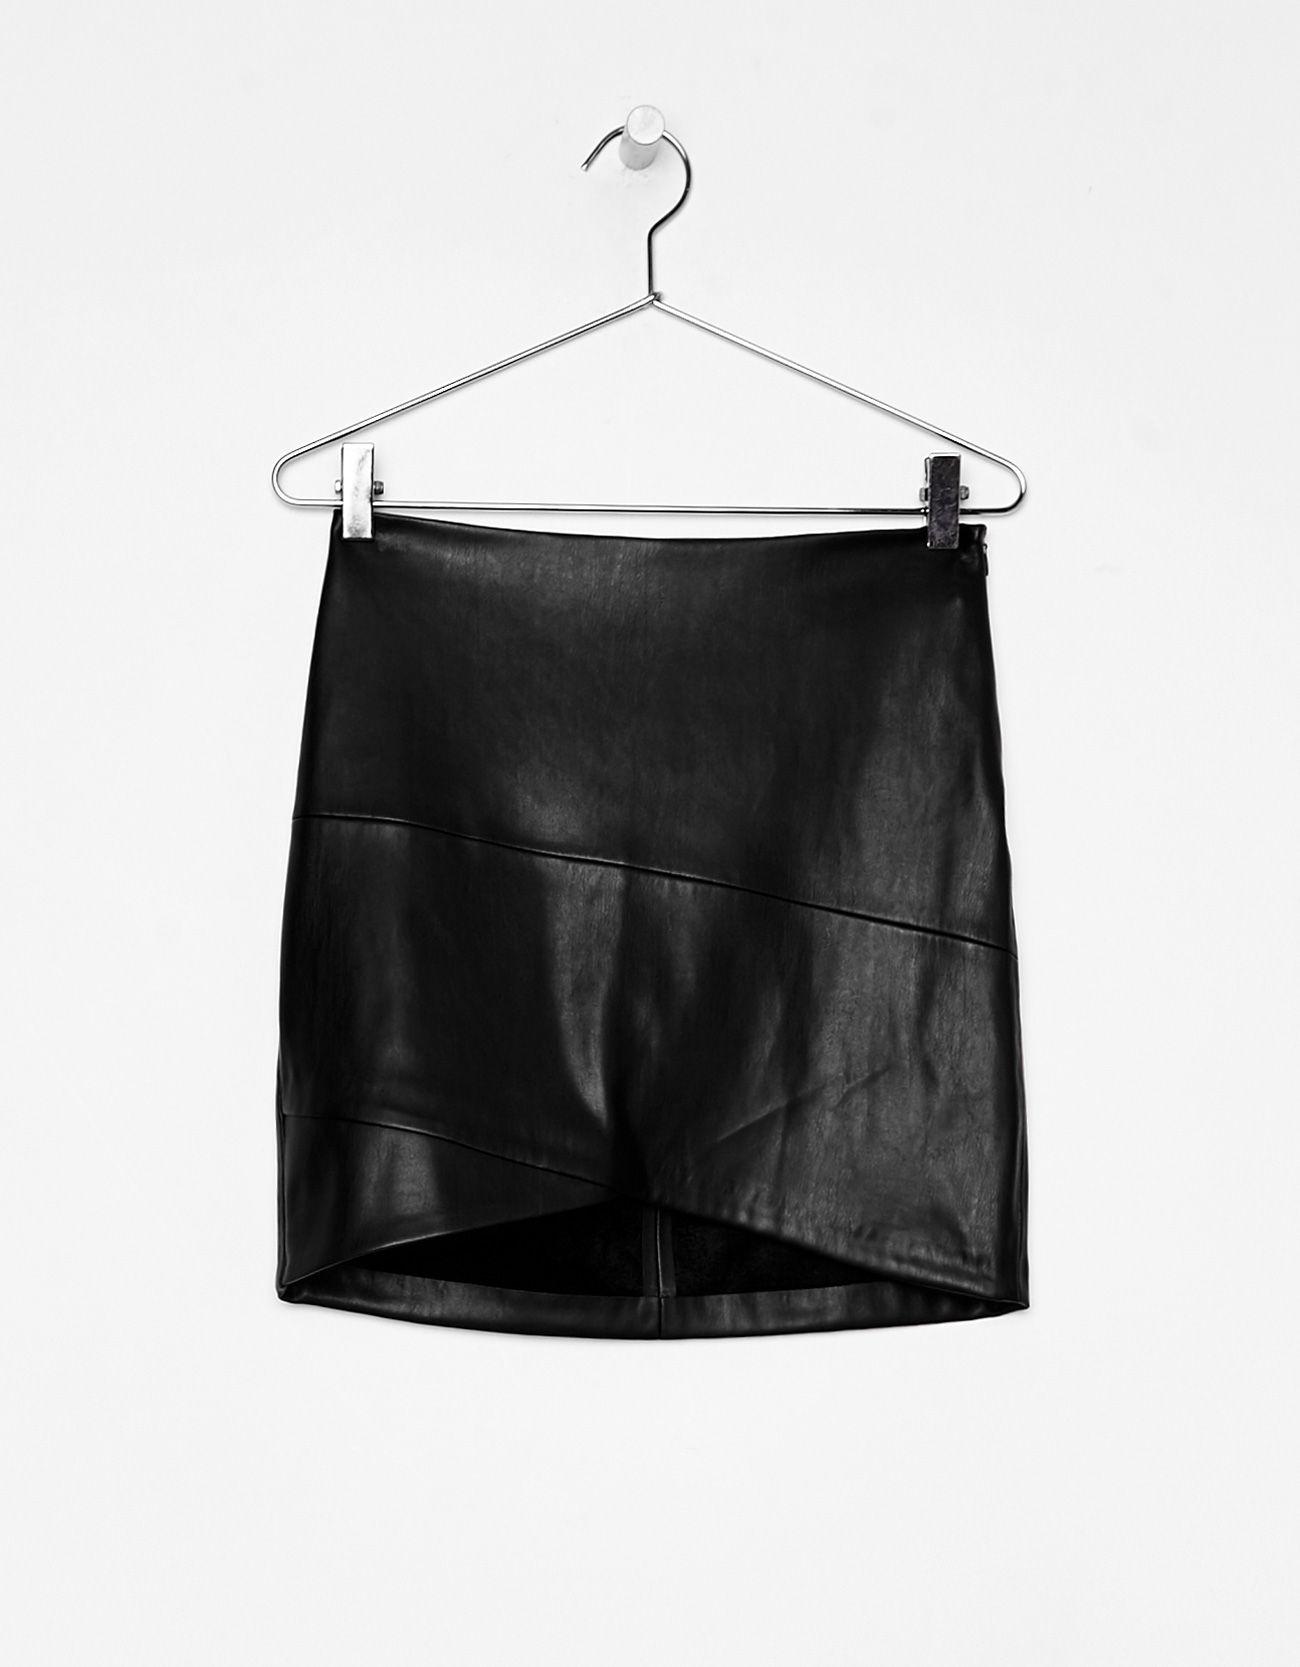 Minissaia Efeito Pele Descubra Esta E Muitas Outras Roupas Na Bershka Com Novos Artigos Cada Semana Leather Mini Skirts Skirts Mini Skirts